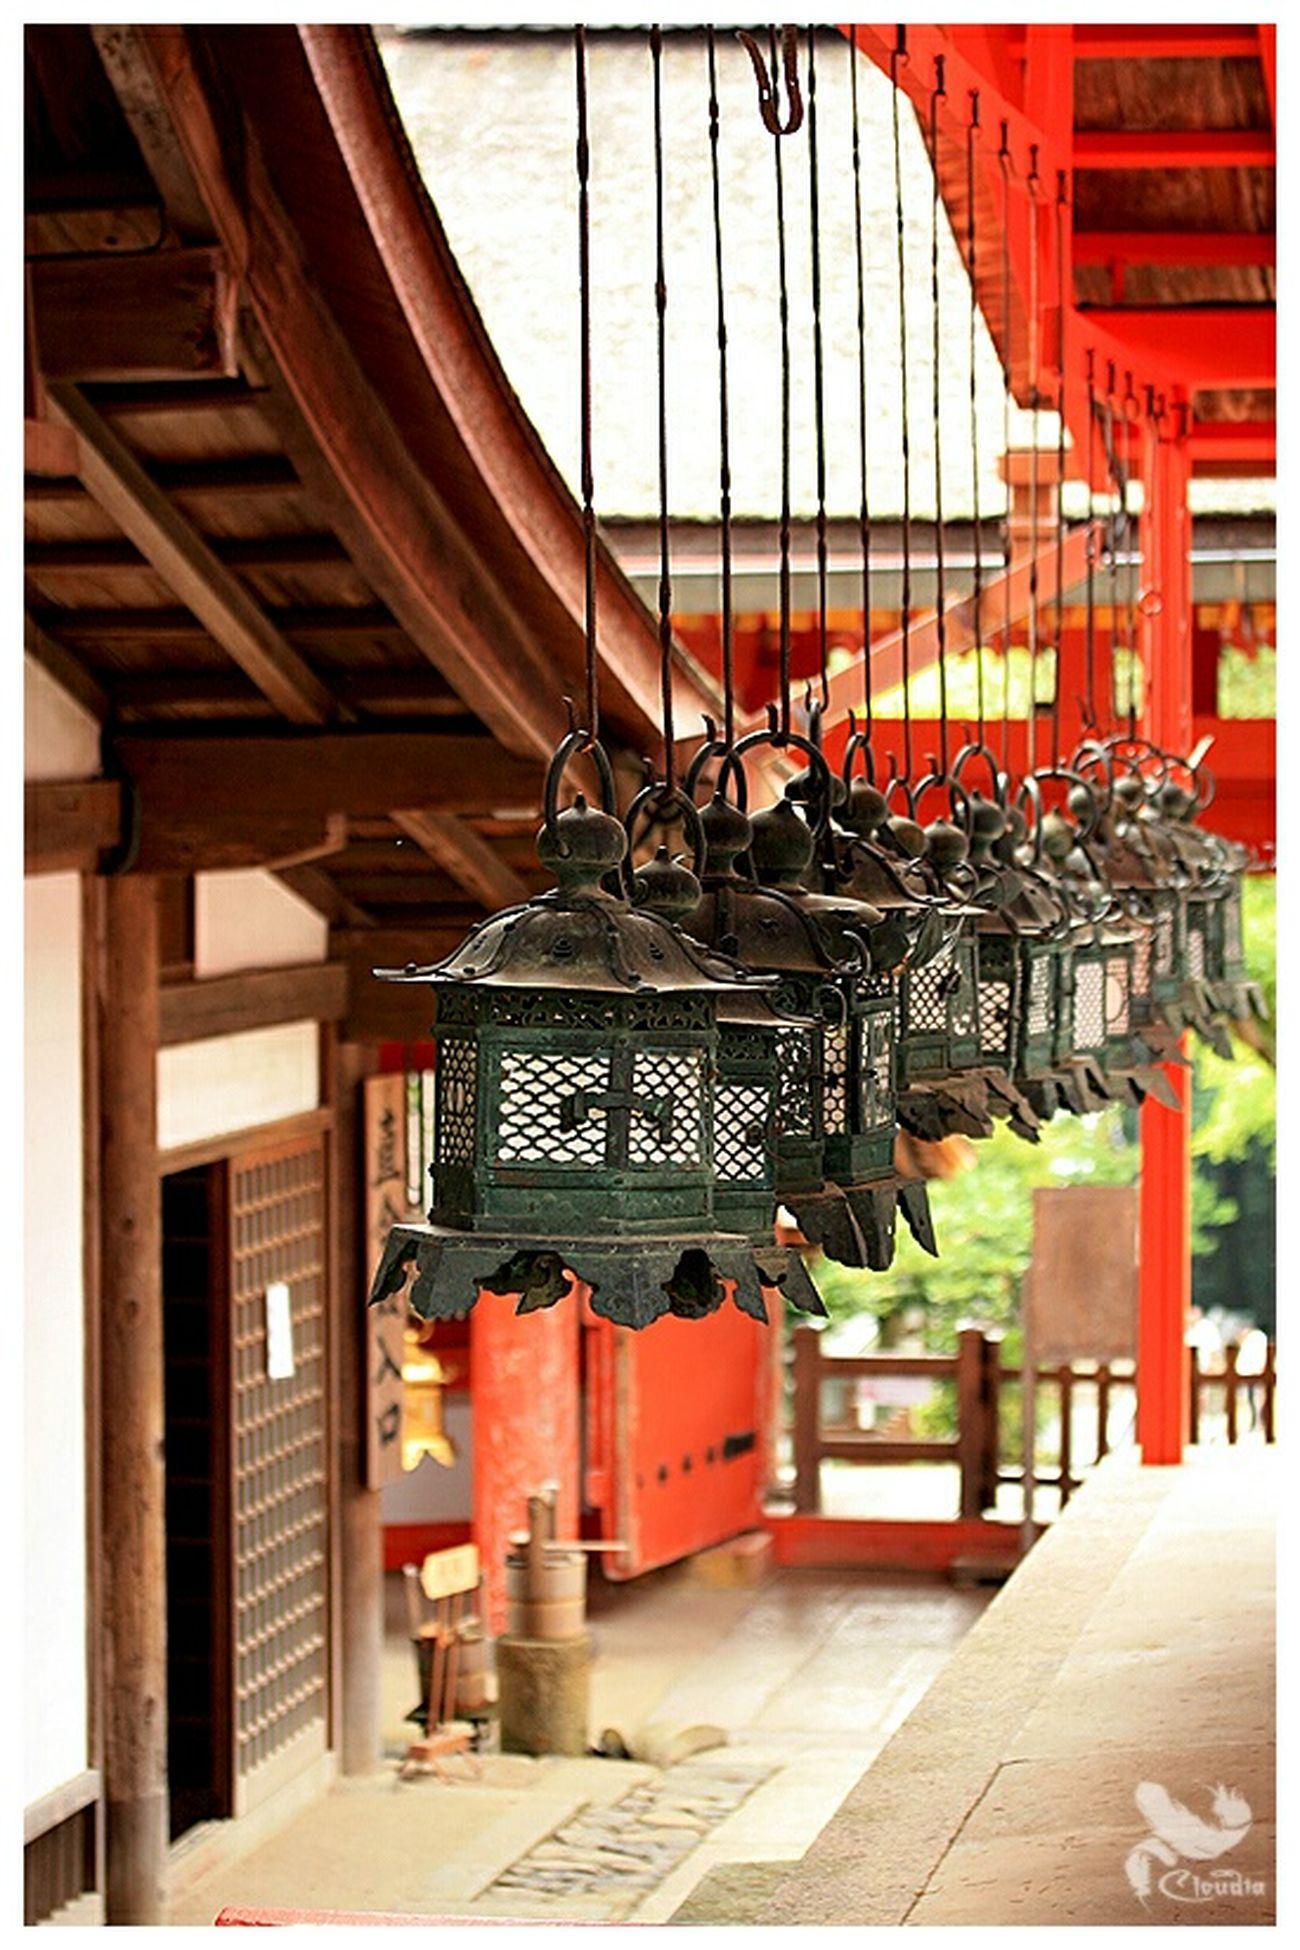 Kasuga Taisha Srine Japan Summer Traveling Nara,Japan Nara Shinto Shrine Red